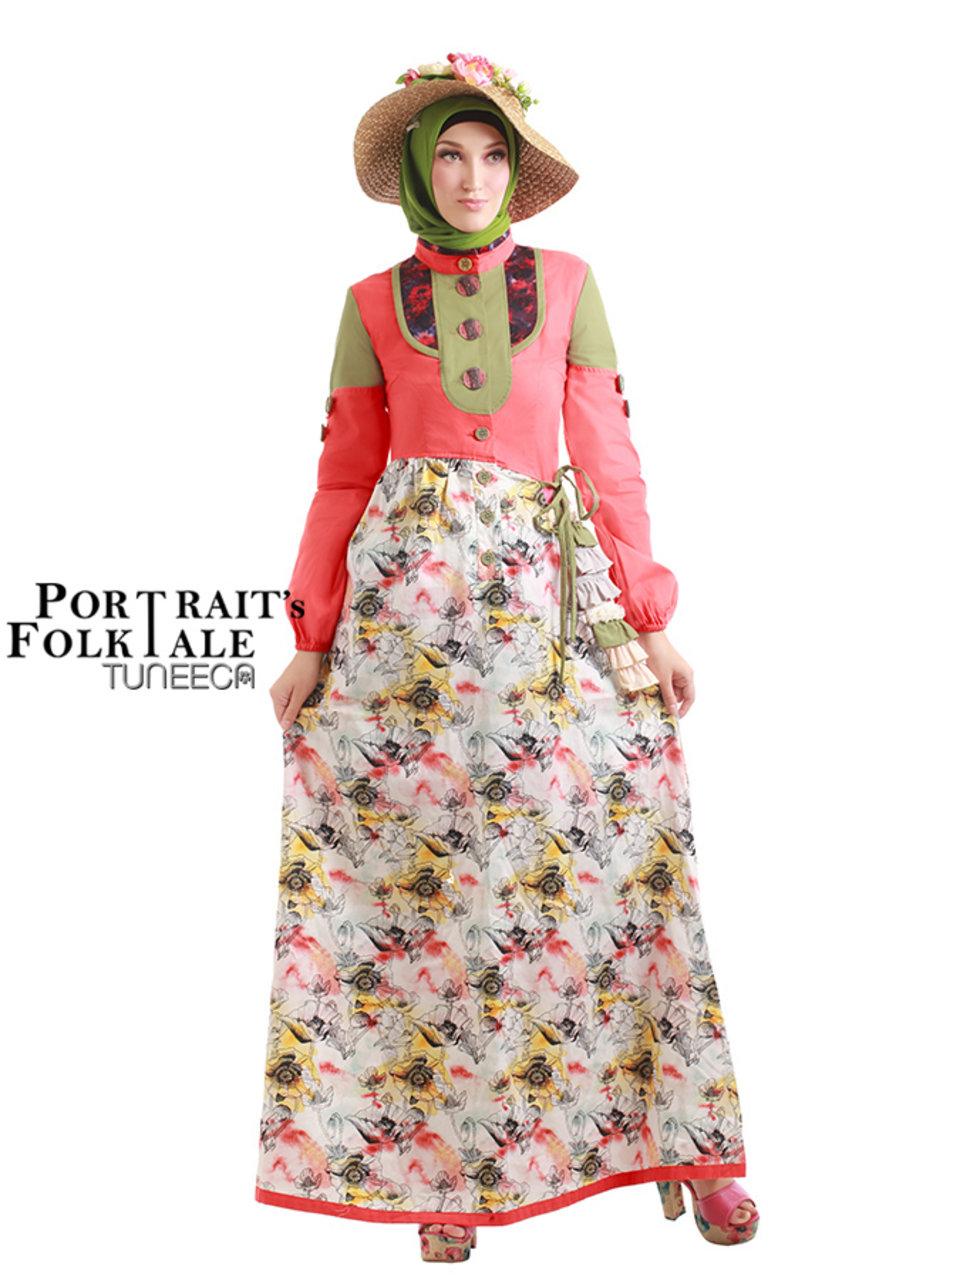 74 Princess in Vintage Gown (2)